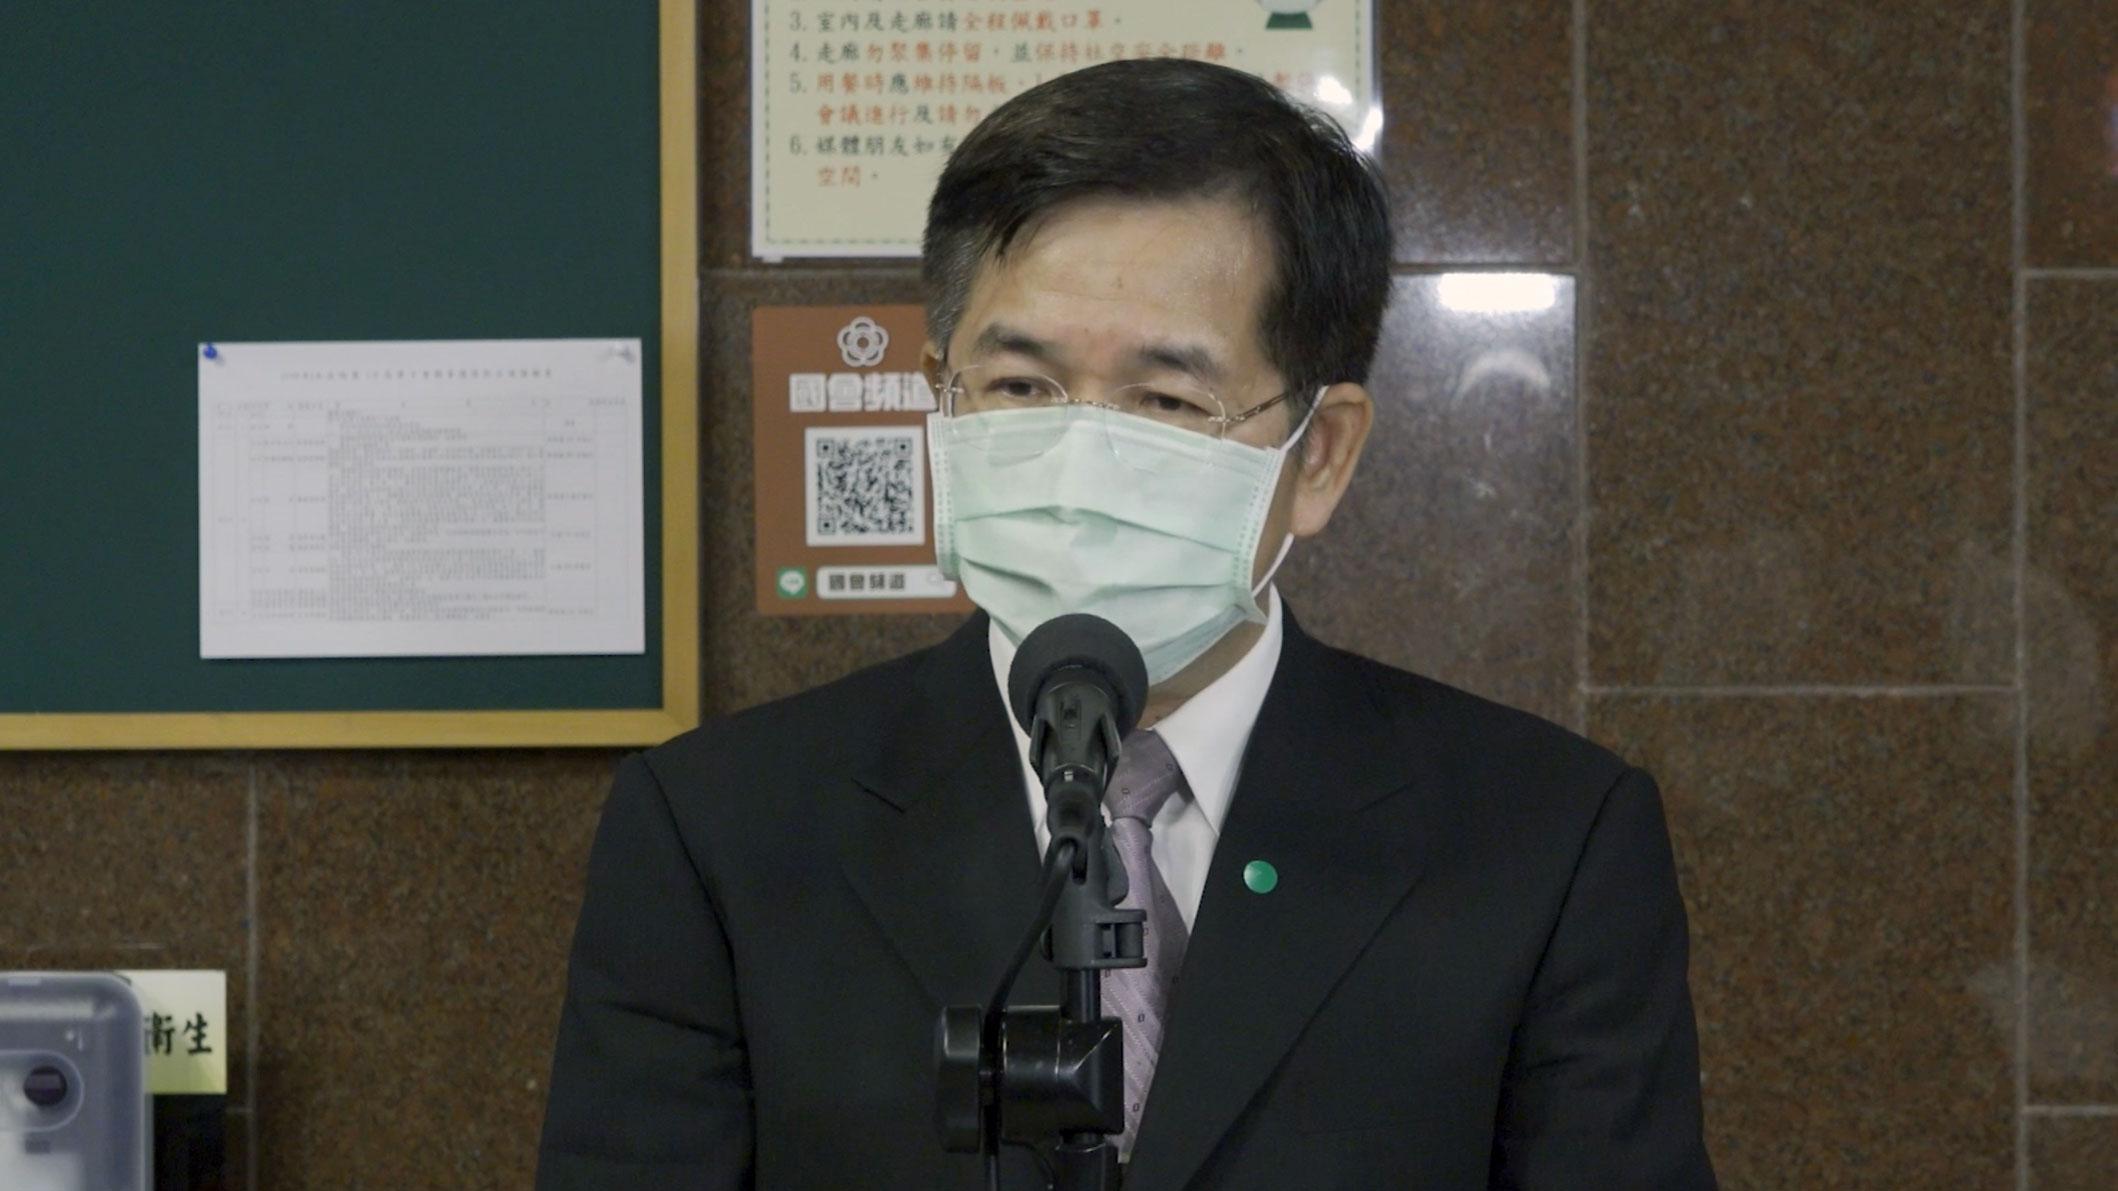 台湾教育部长潘文忠。(教育部提供)